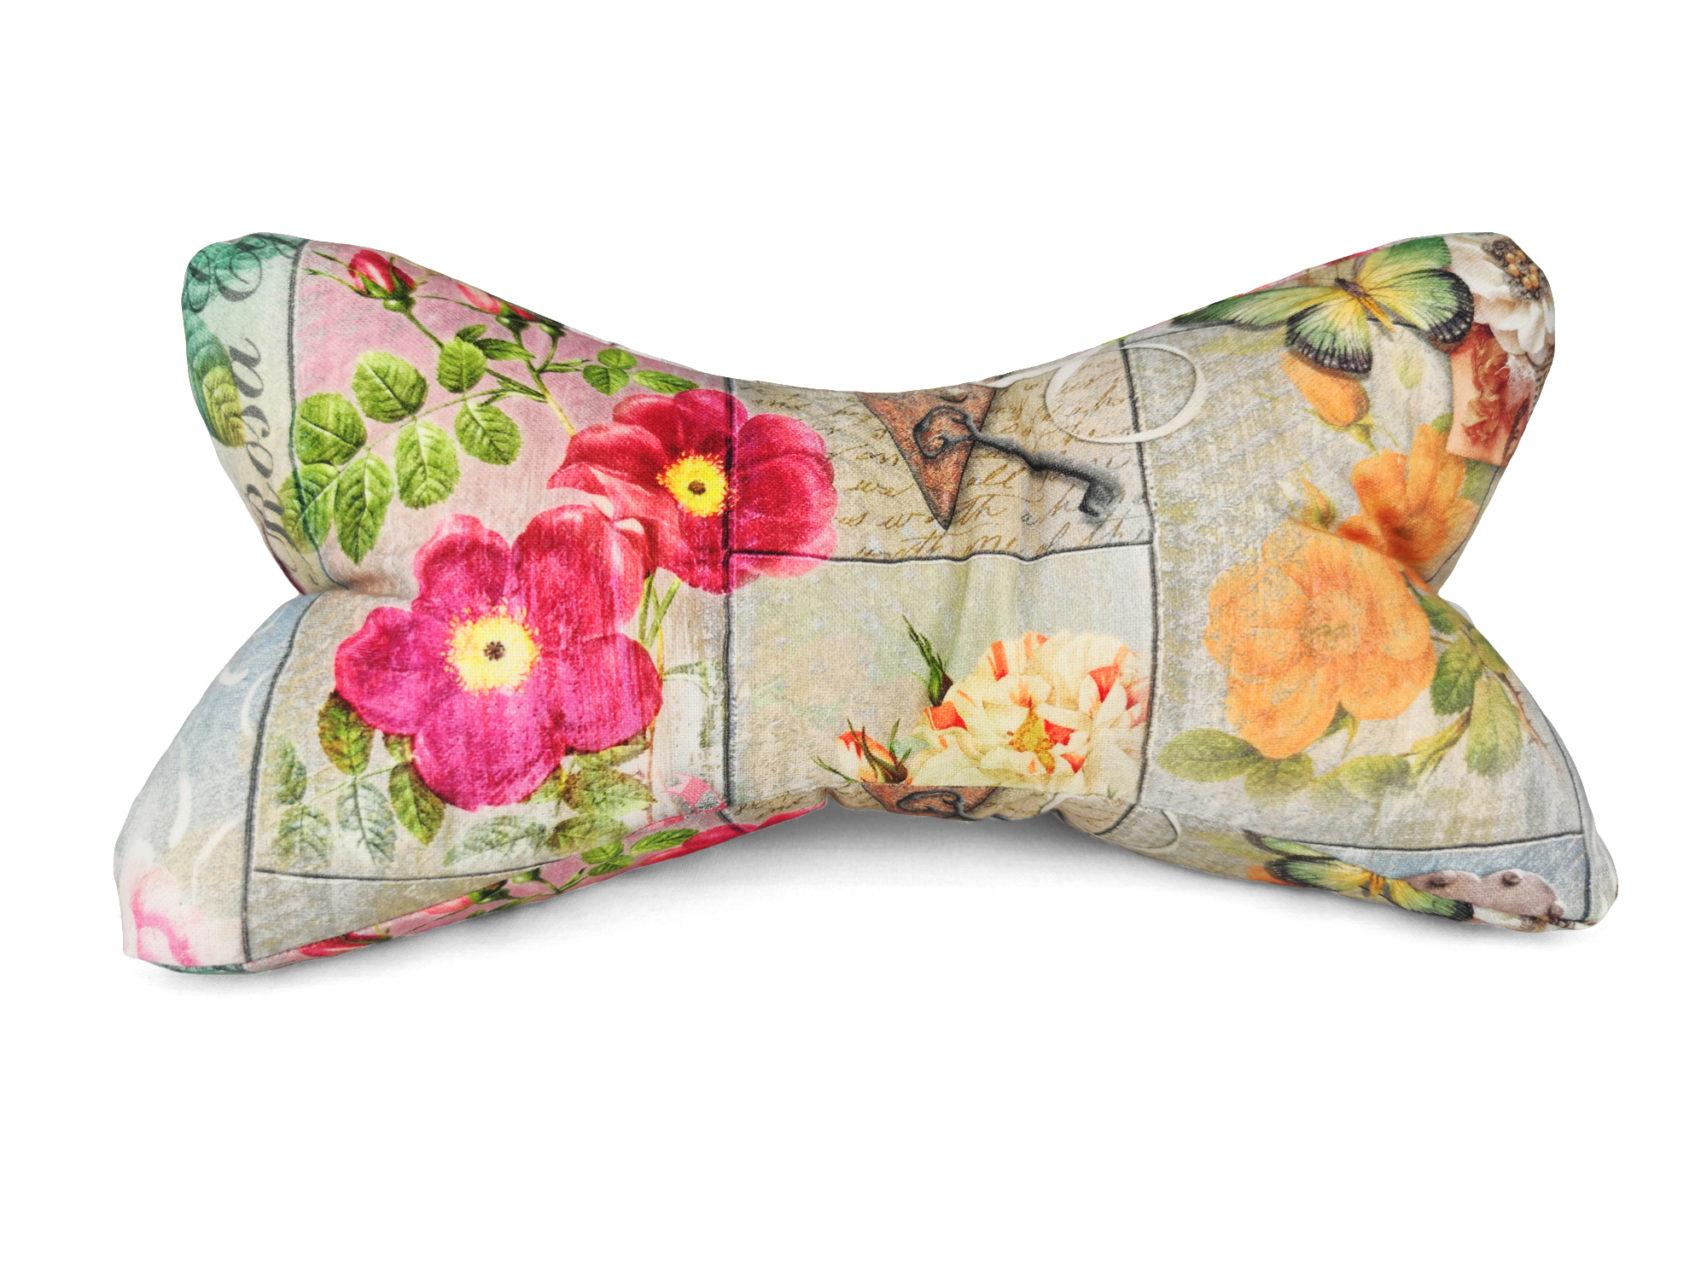 Leseknochen summer gardening bunte Blumen Vintage Style